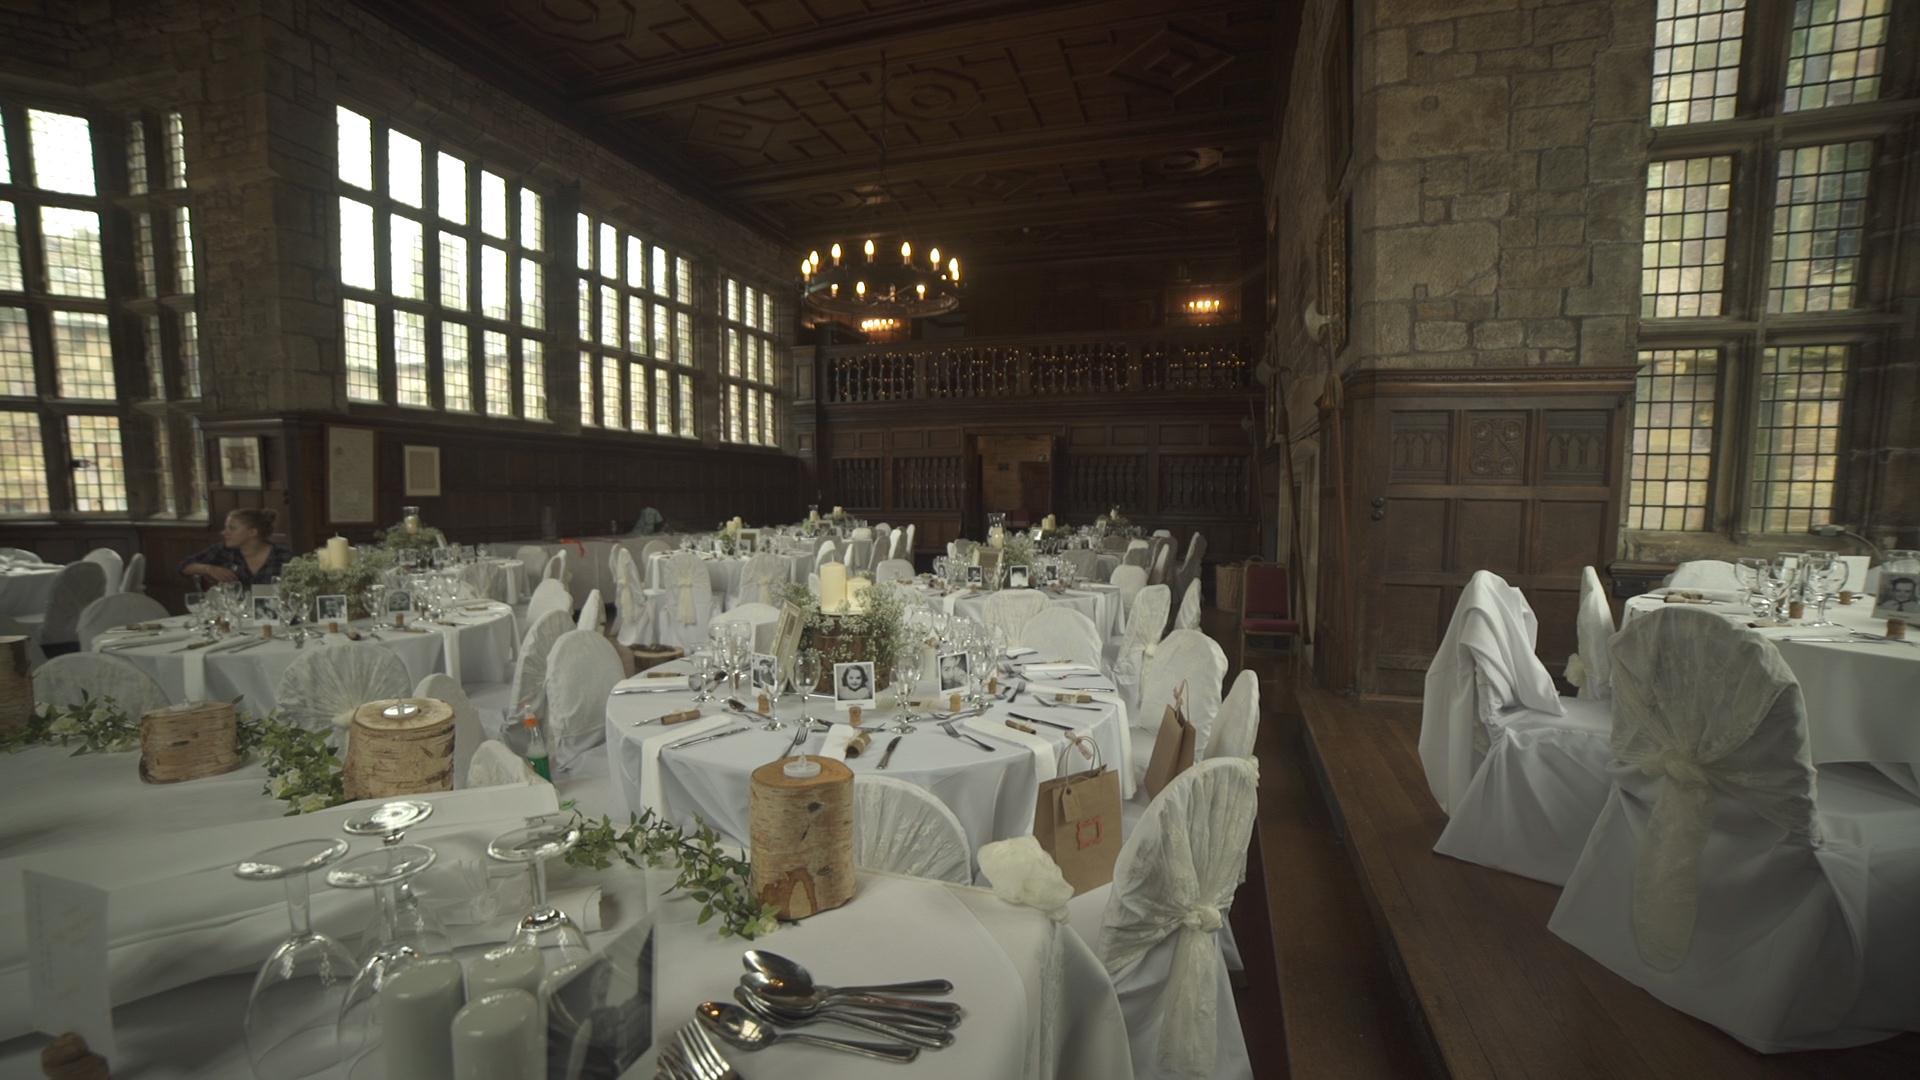 Hoghton Tower dining hall